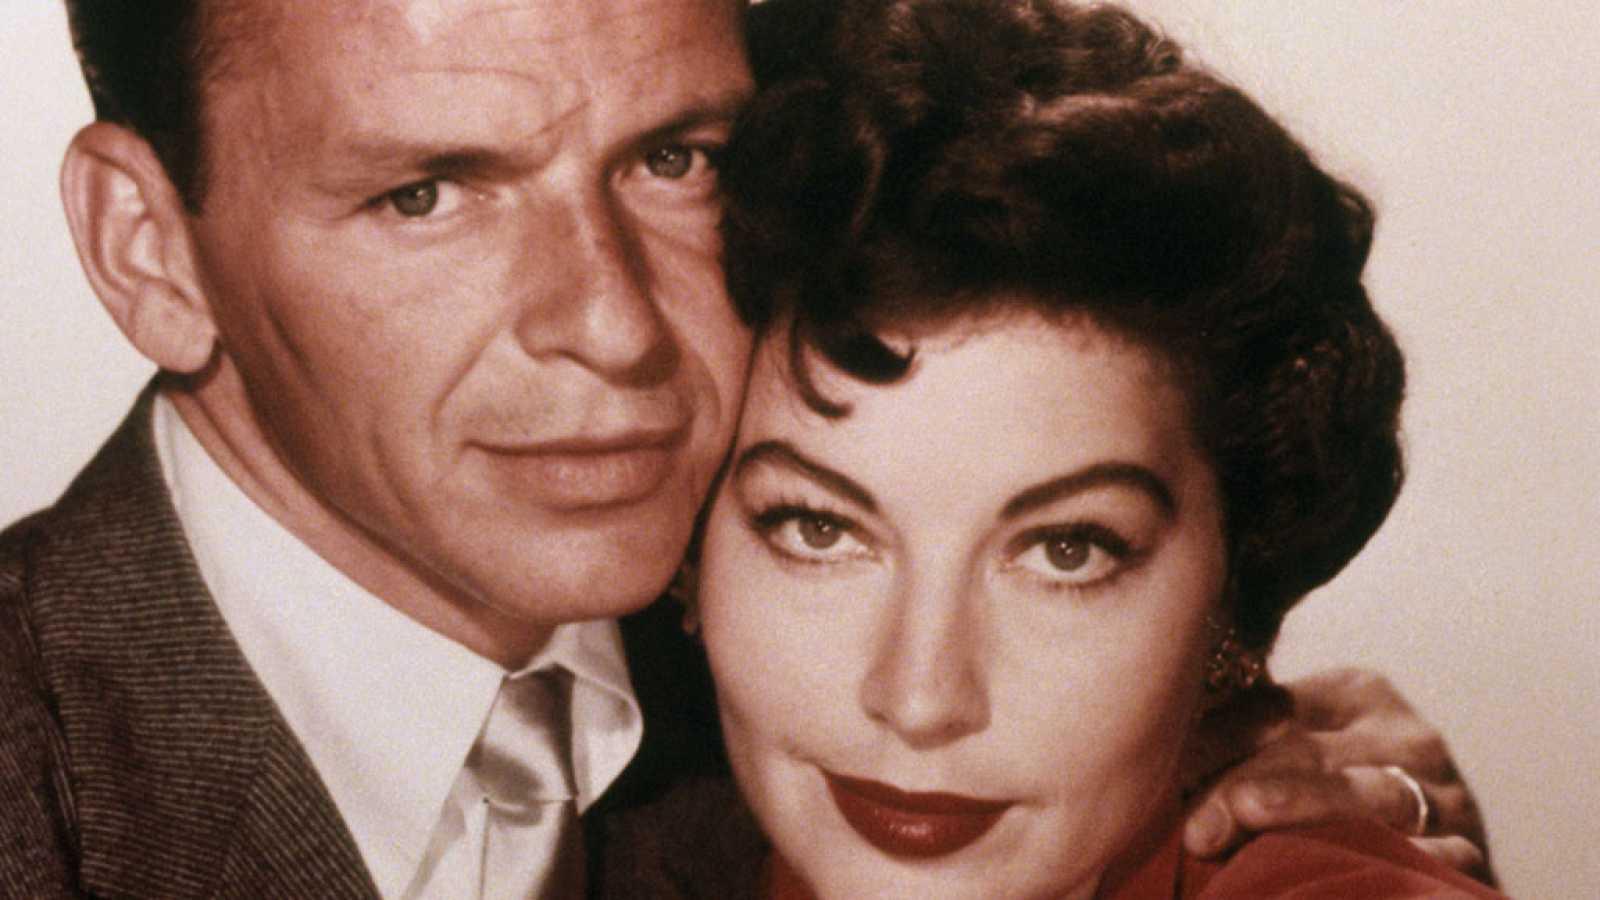 La noche temática - Sinatra y Ava, una pareja de escándalo